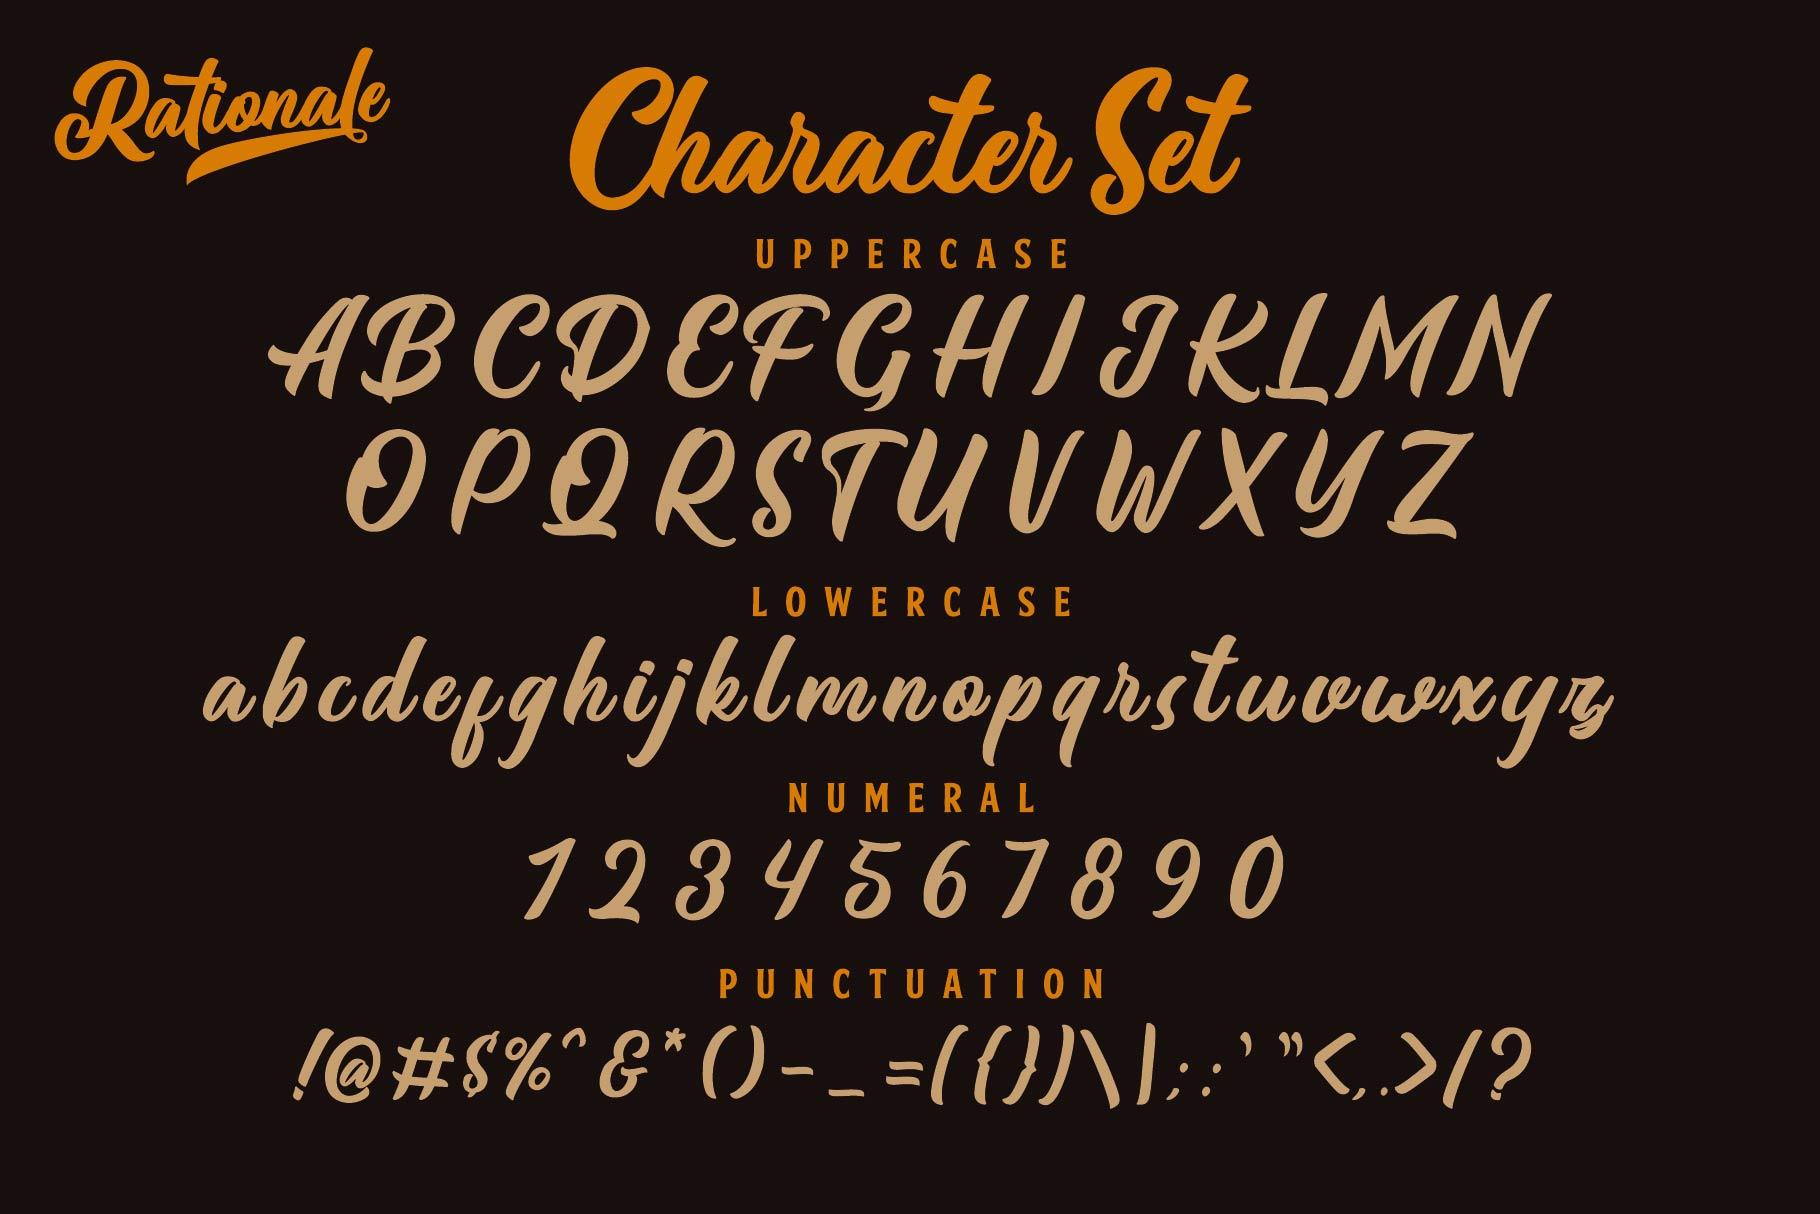 Rationale Vintage Script Font example image 6